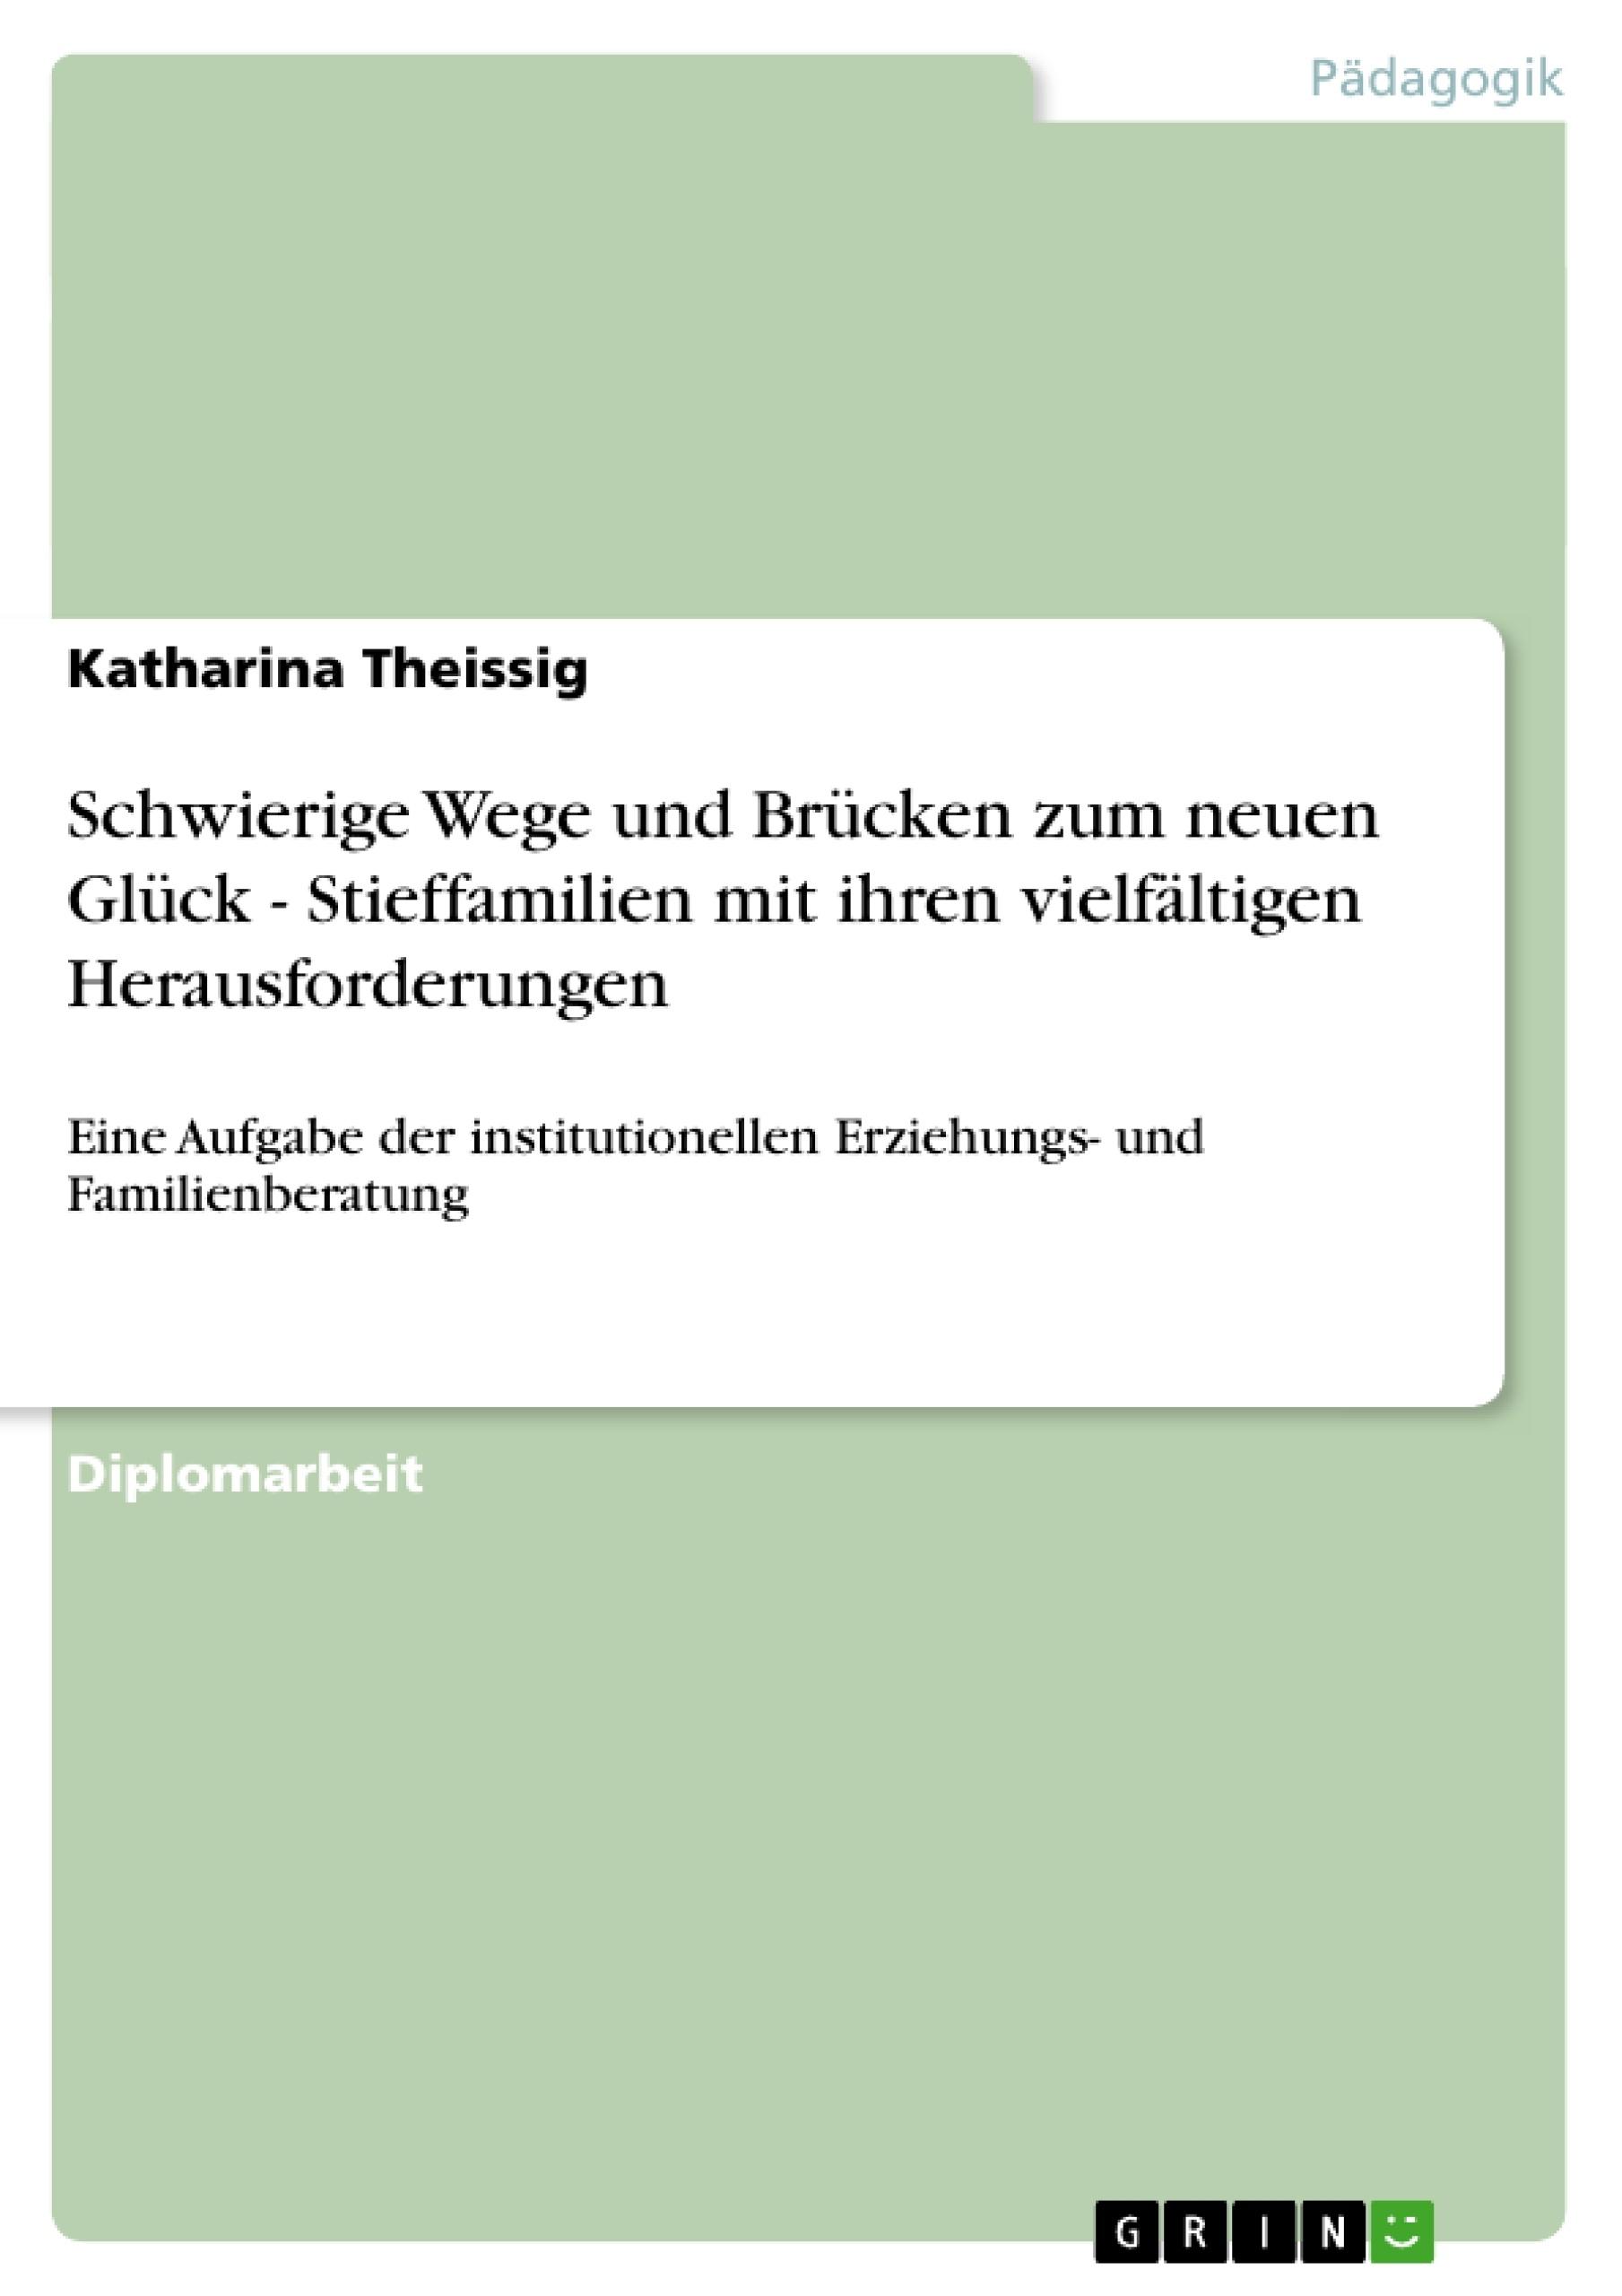 Titel: Schwierige Wege und Brücken zum neuen Glück. Stieffamilien und ihre vielfältigen Herausforderungen